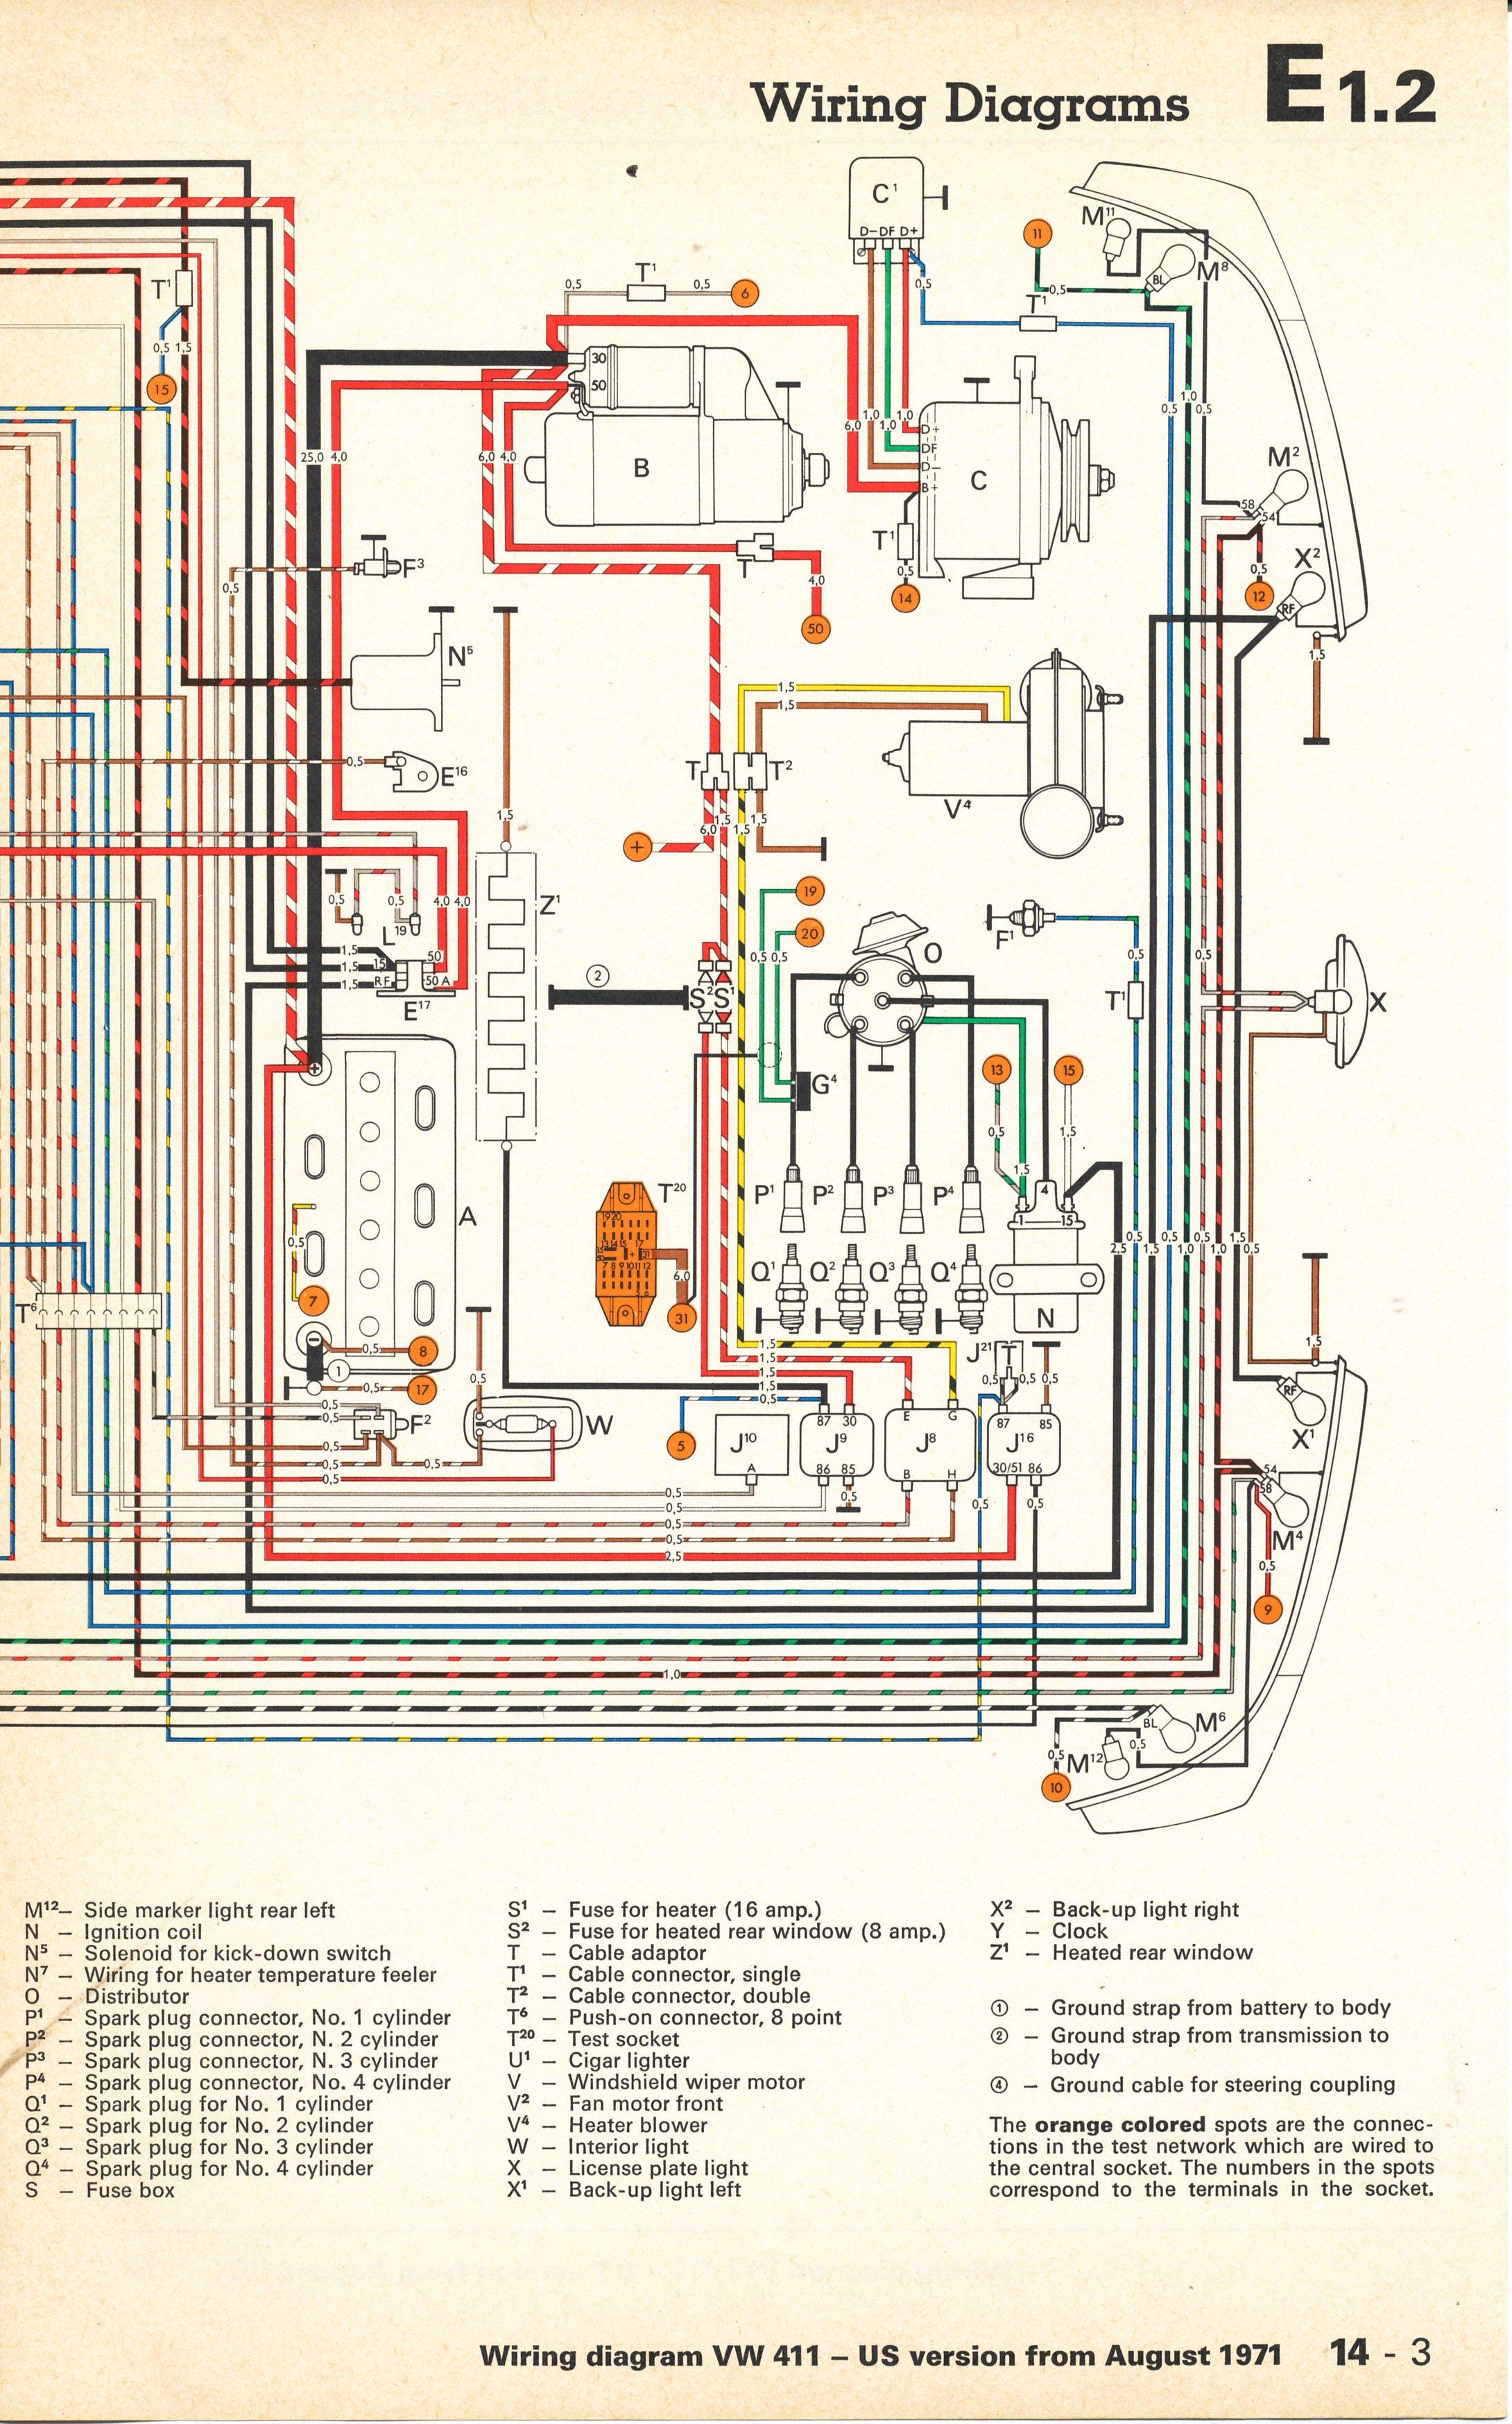 victory v92c wiring diagram suzuki savage 650 wiring 1999 victory 92 wiring diagram victory hammer wiring diagram